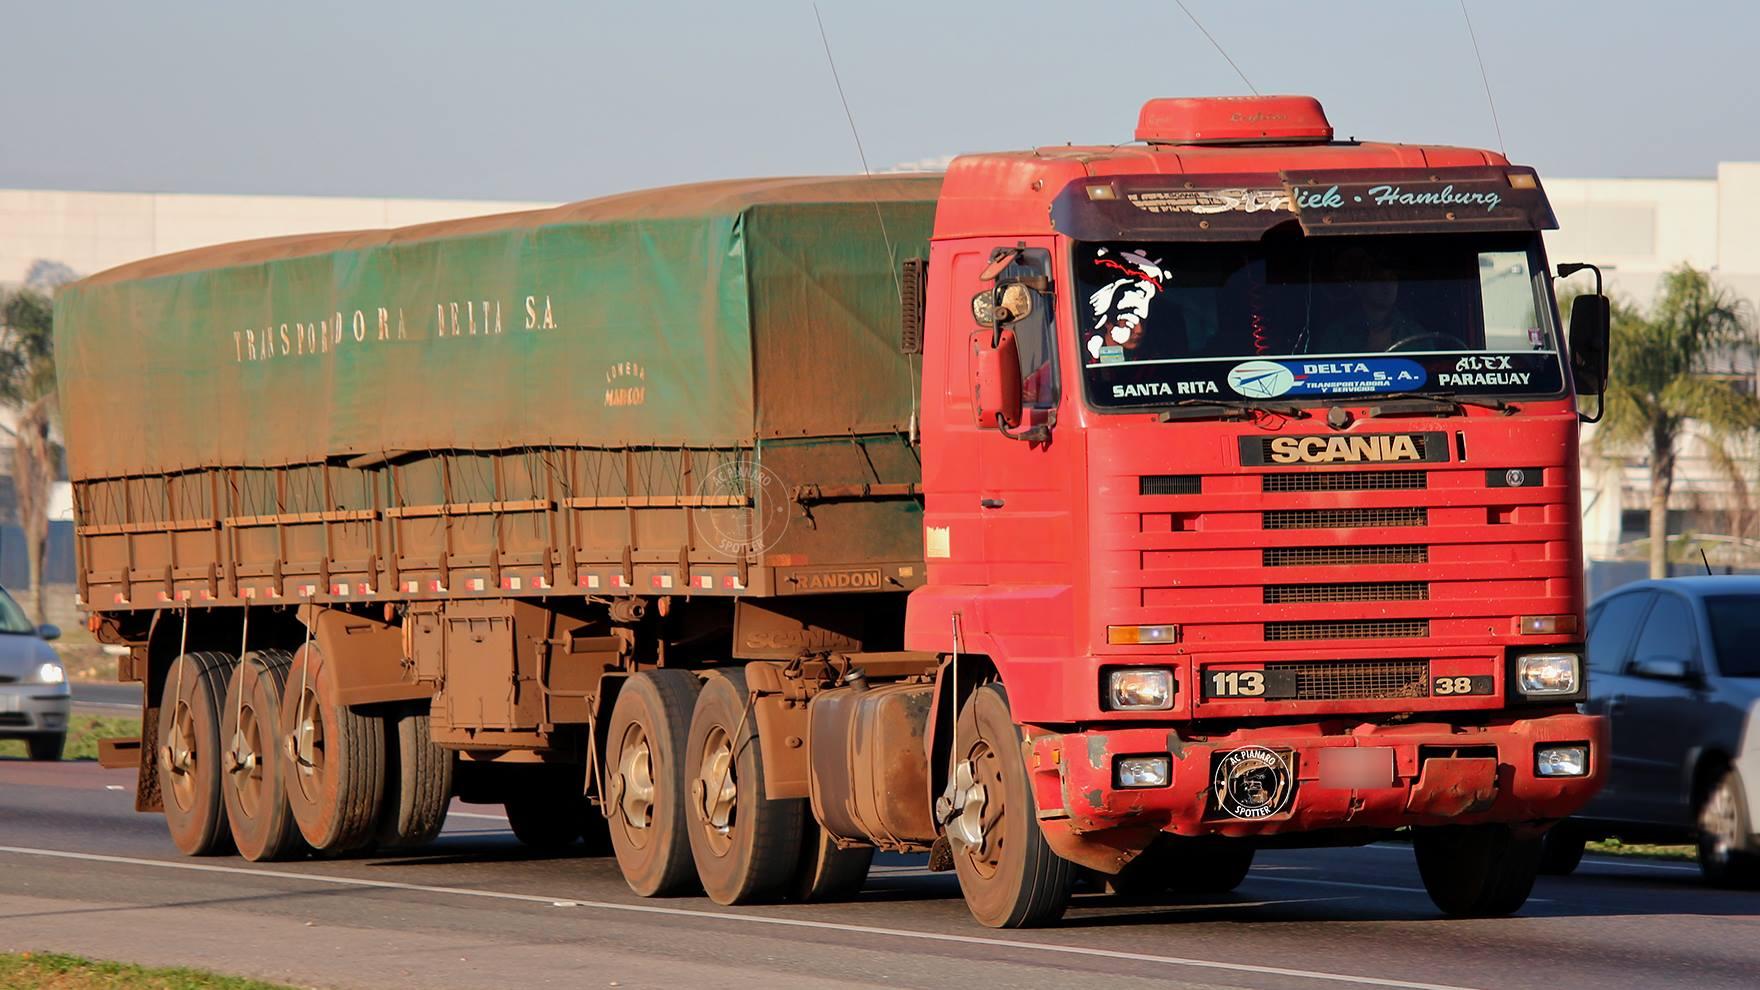 Scania-R113MA-380-6X2--Paraguai-[1]